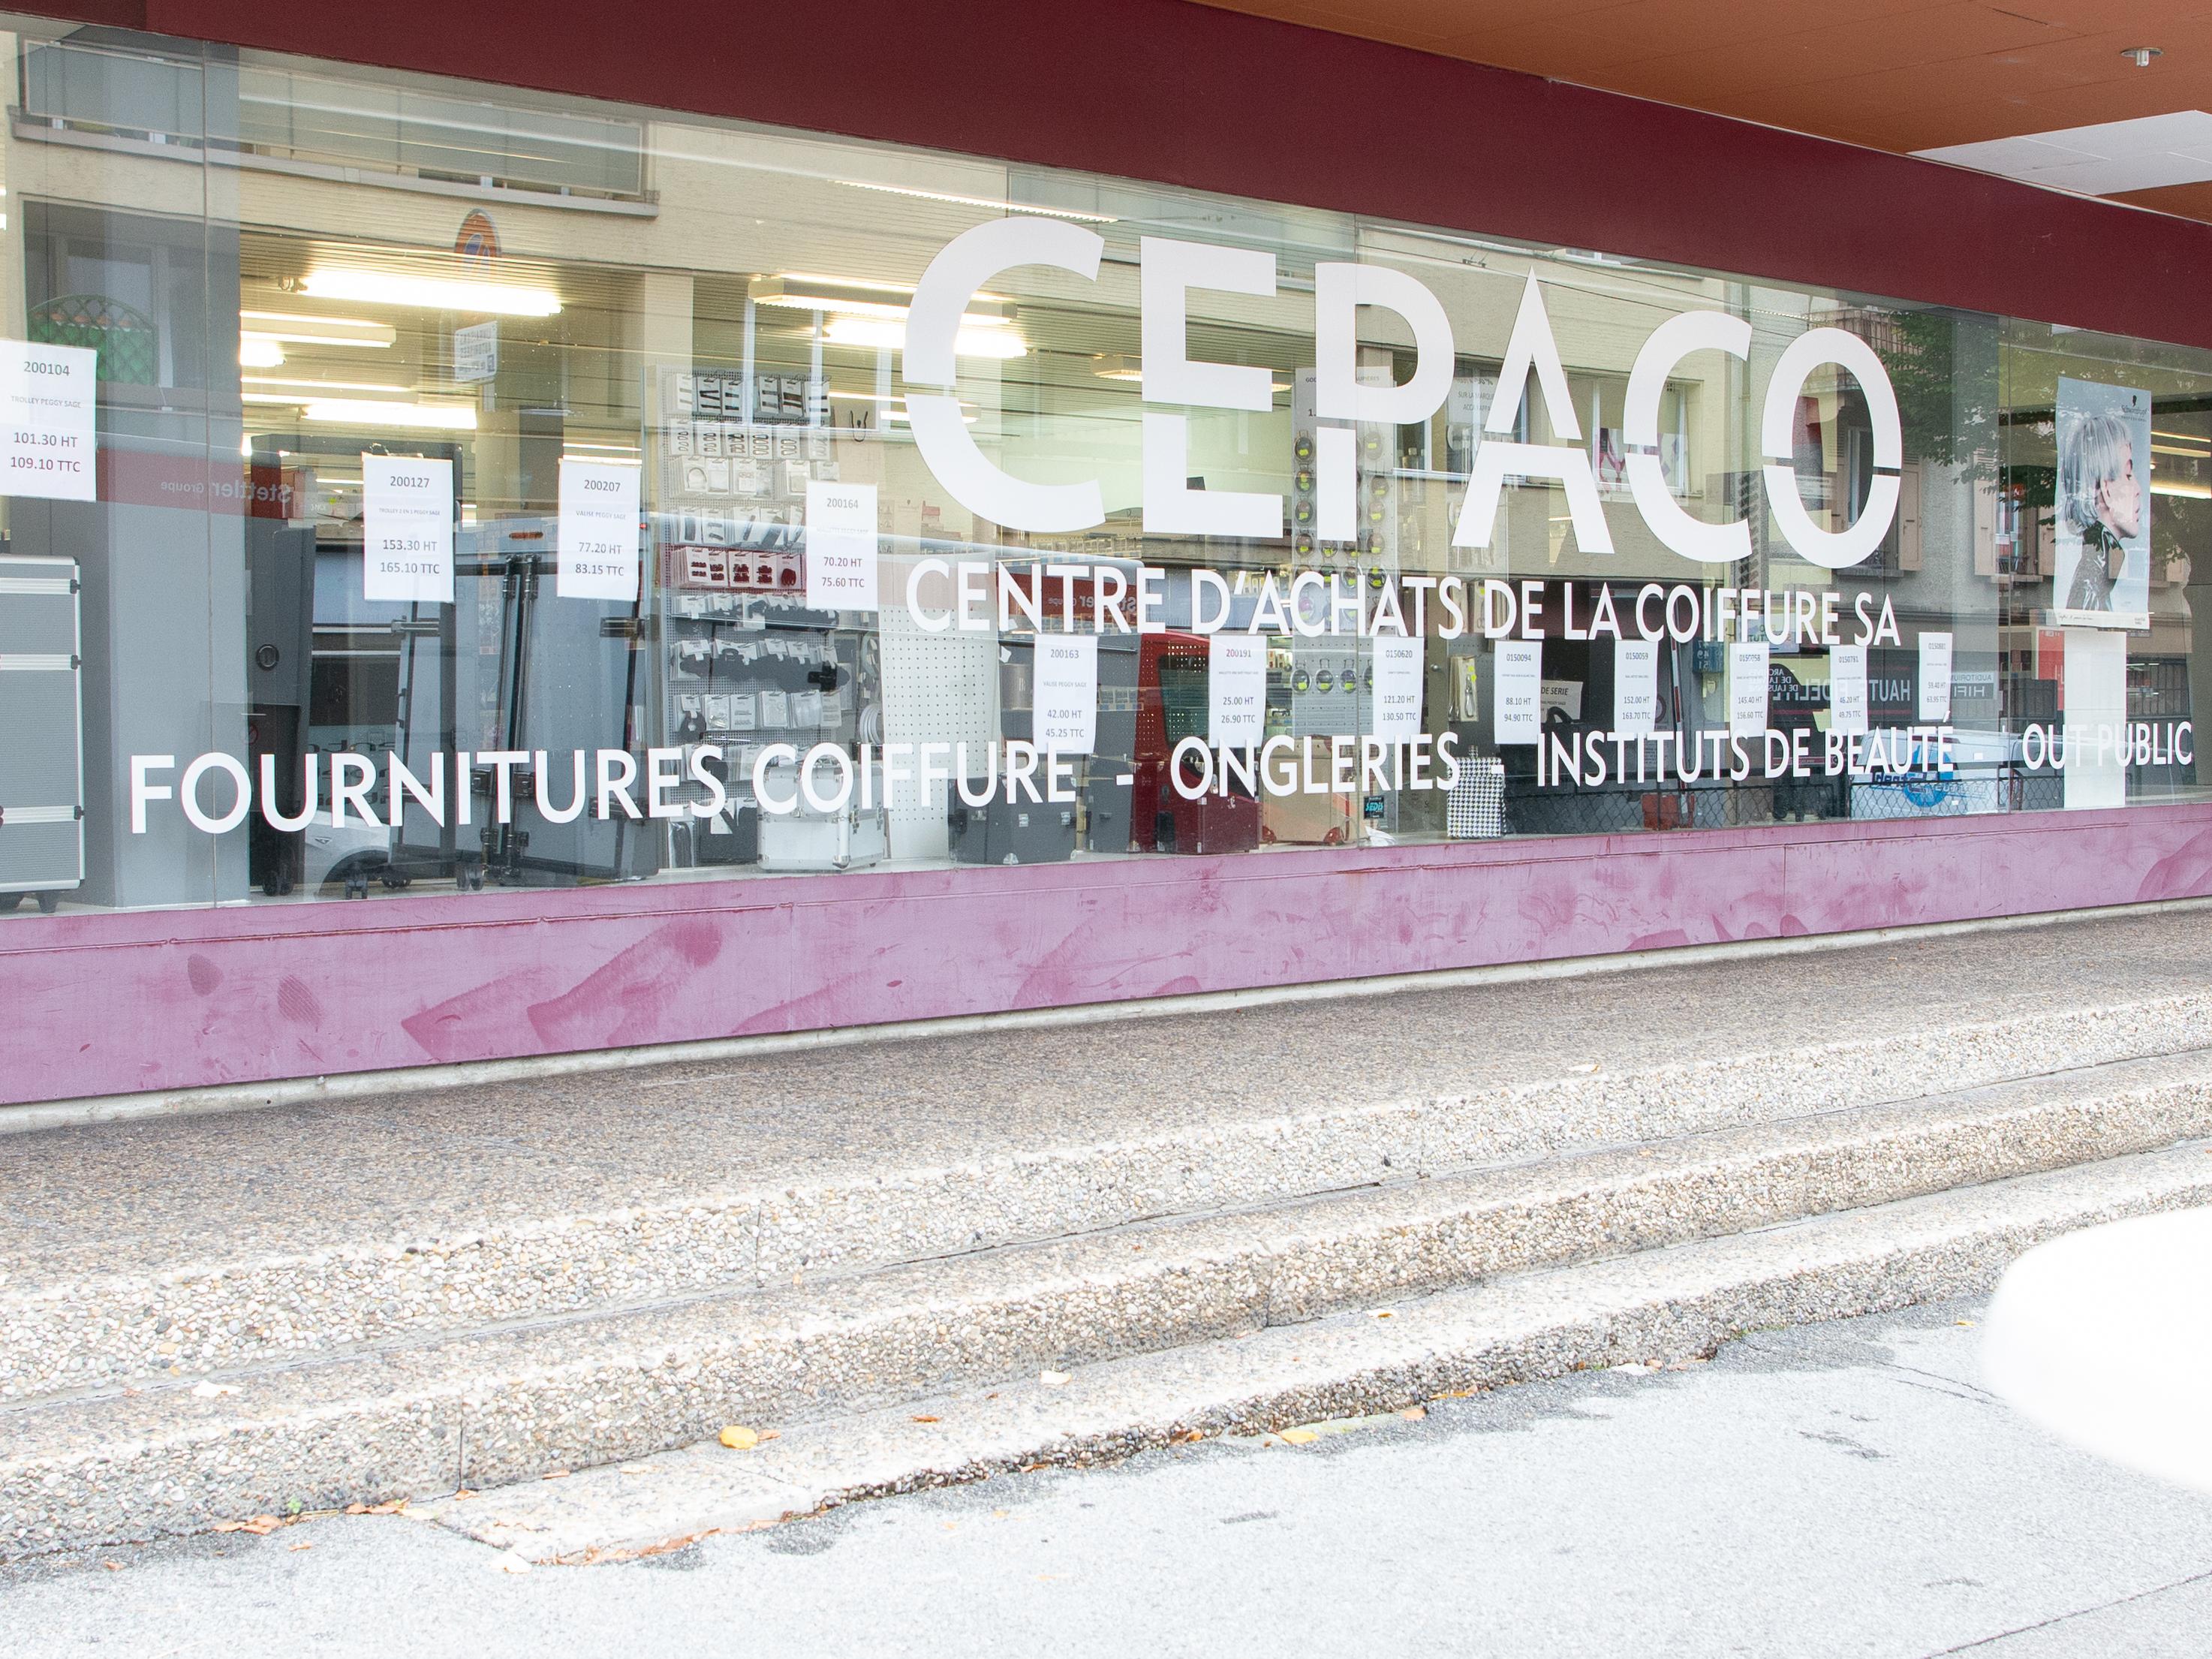 Cepaco_2[1]